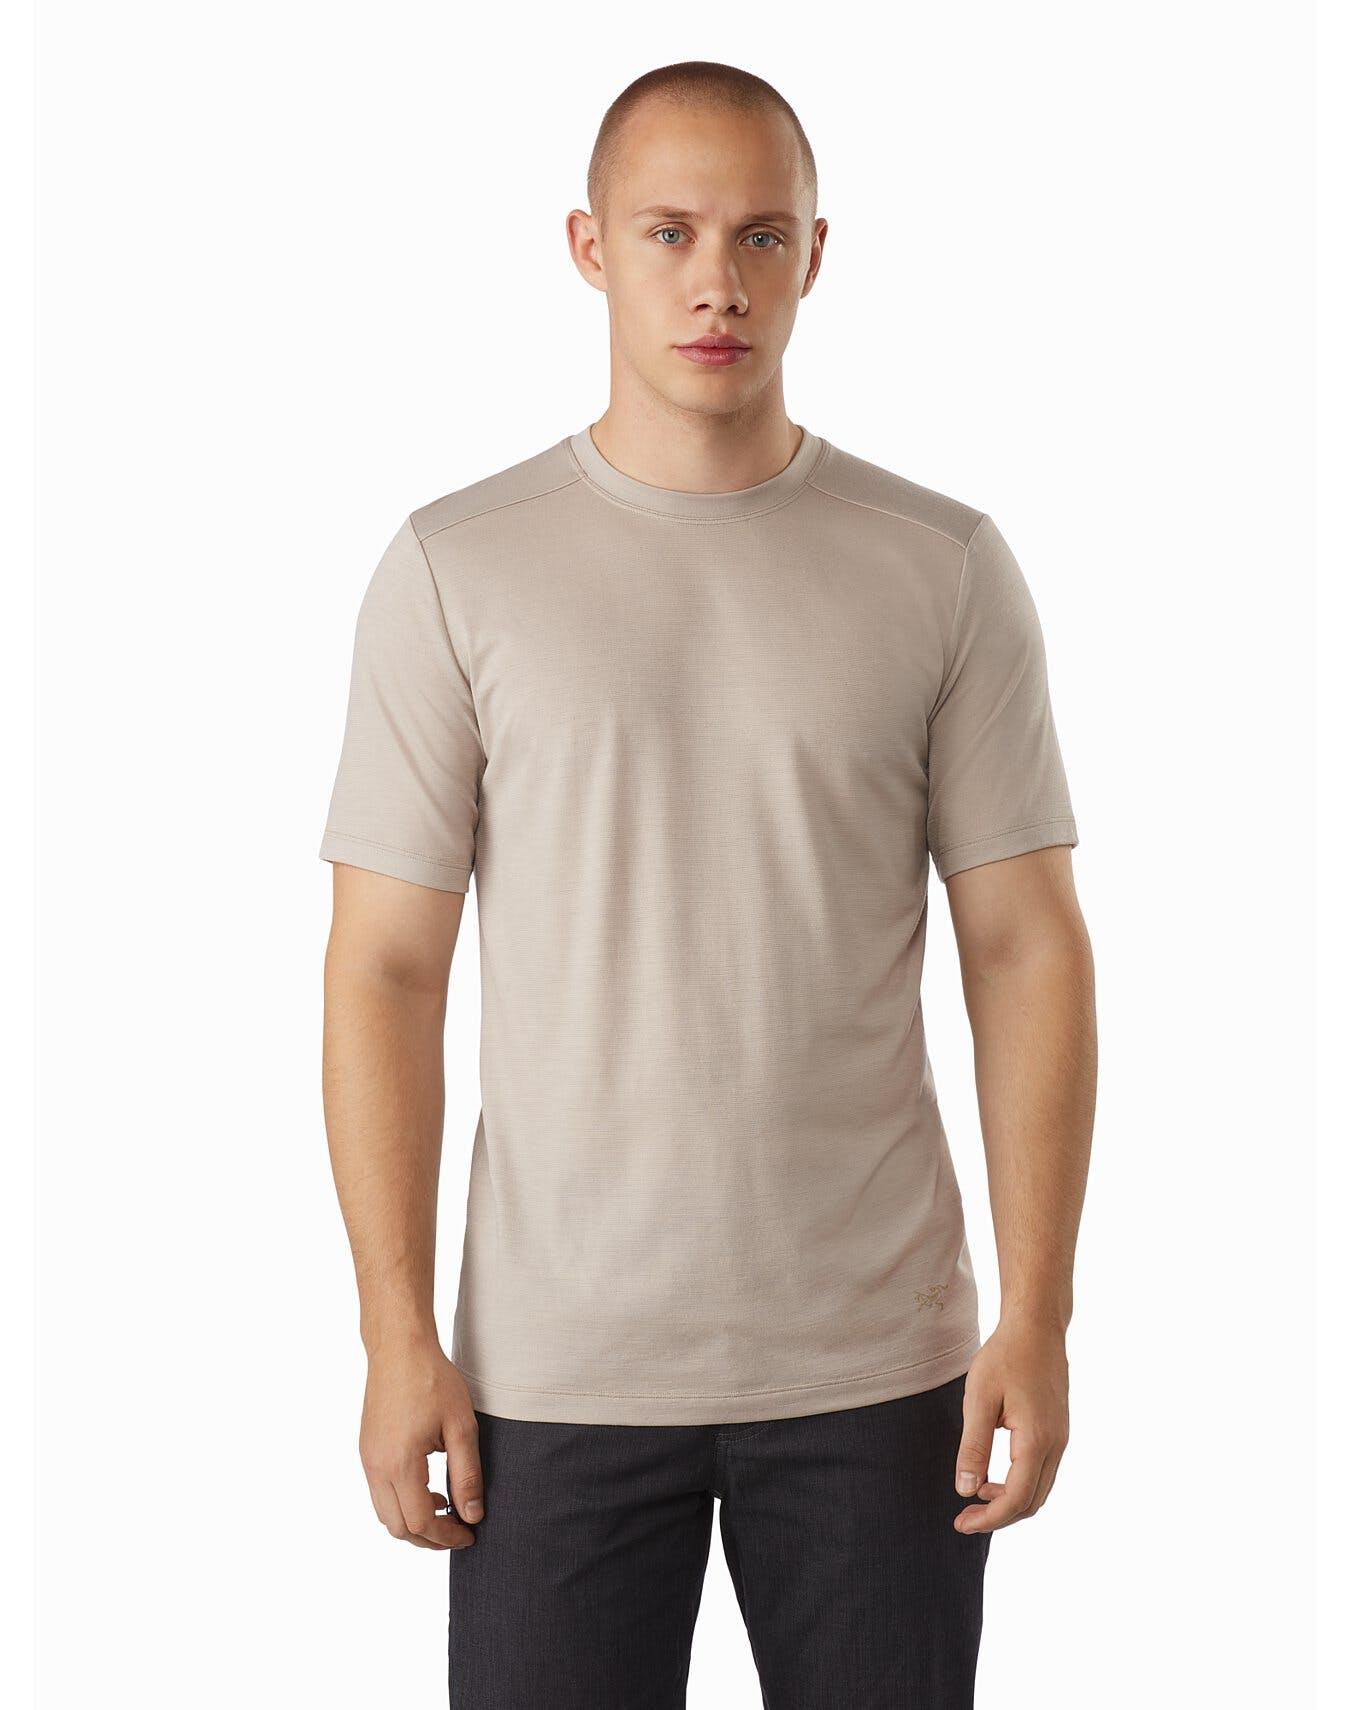 Arcteryx Damen A2B Scoop Neck T-Shirt Merinoshirt NEU